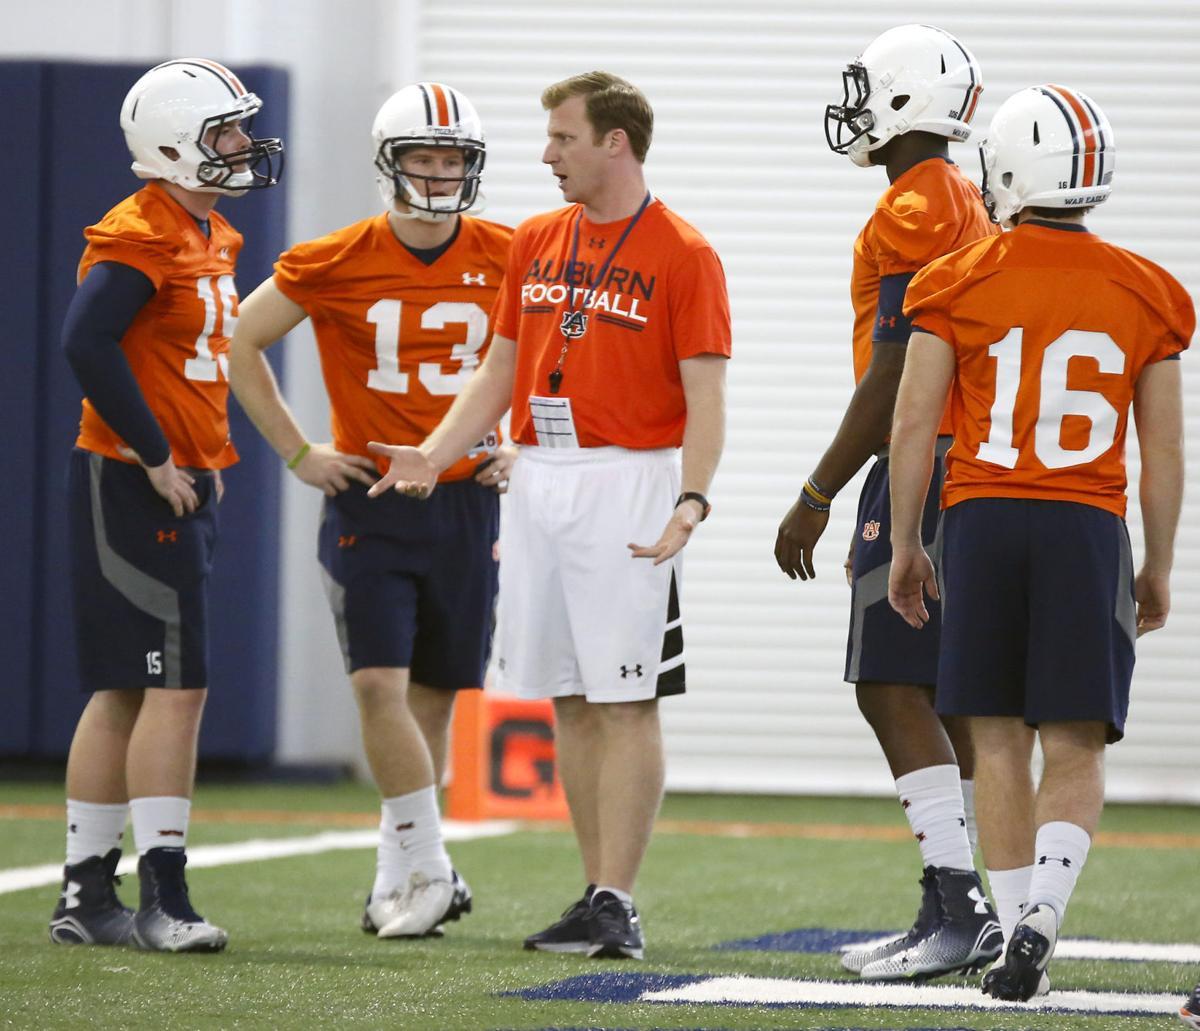 2012 Auburn Tigers football team - Wikipedia